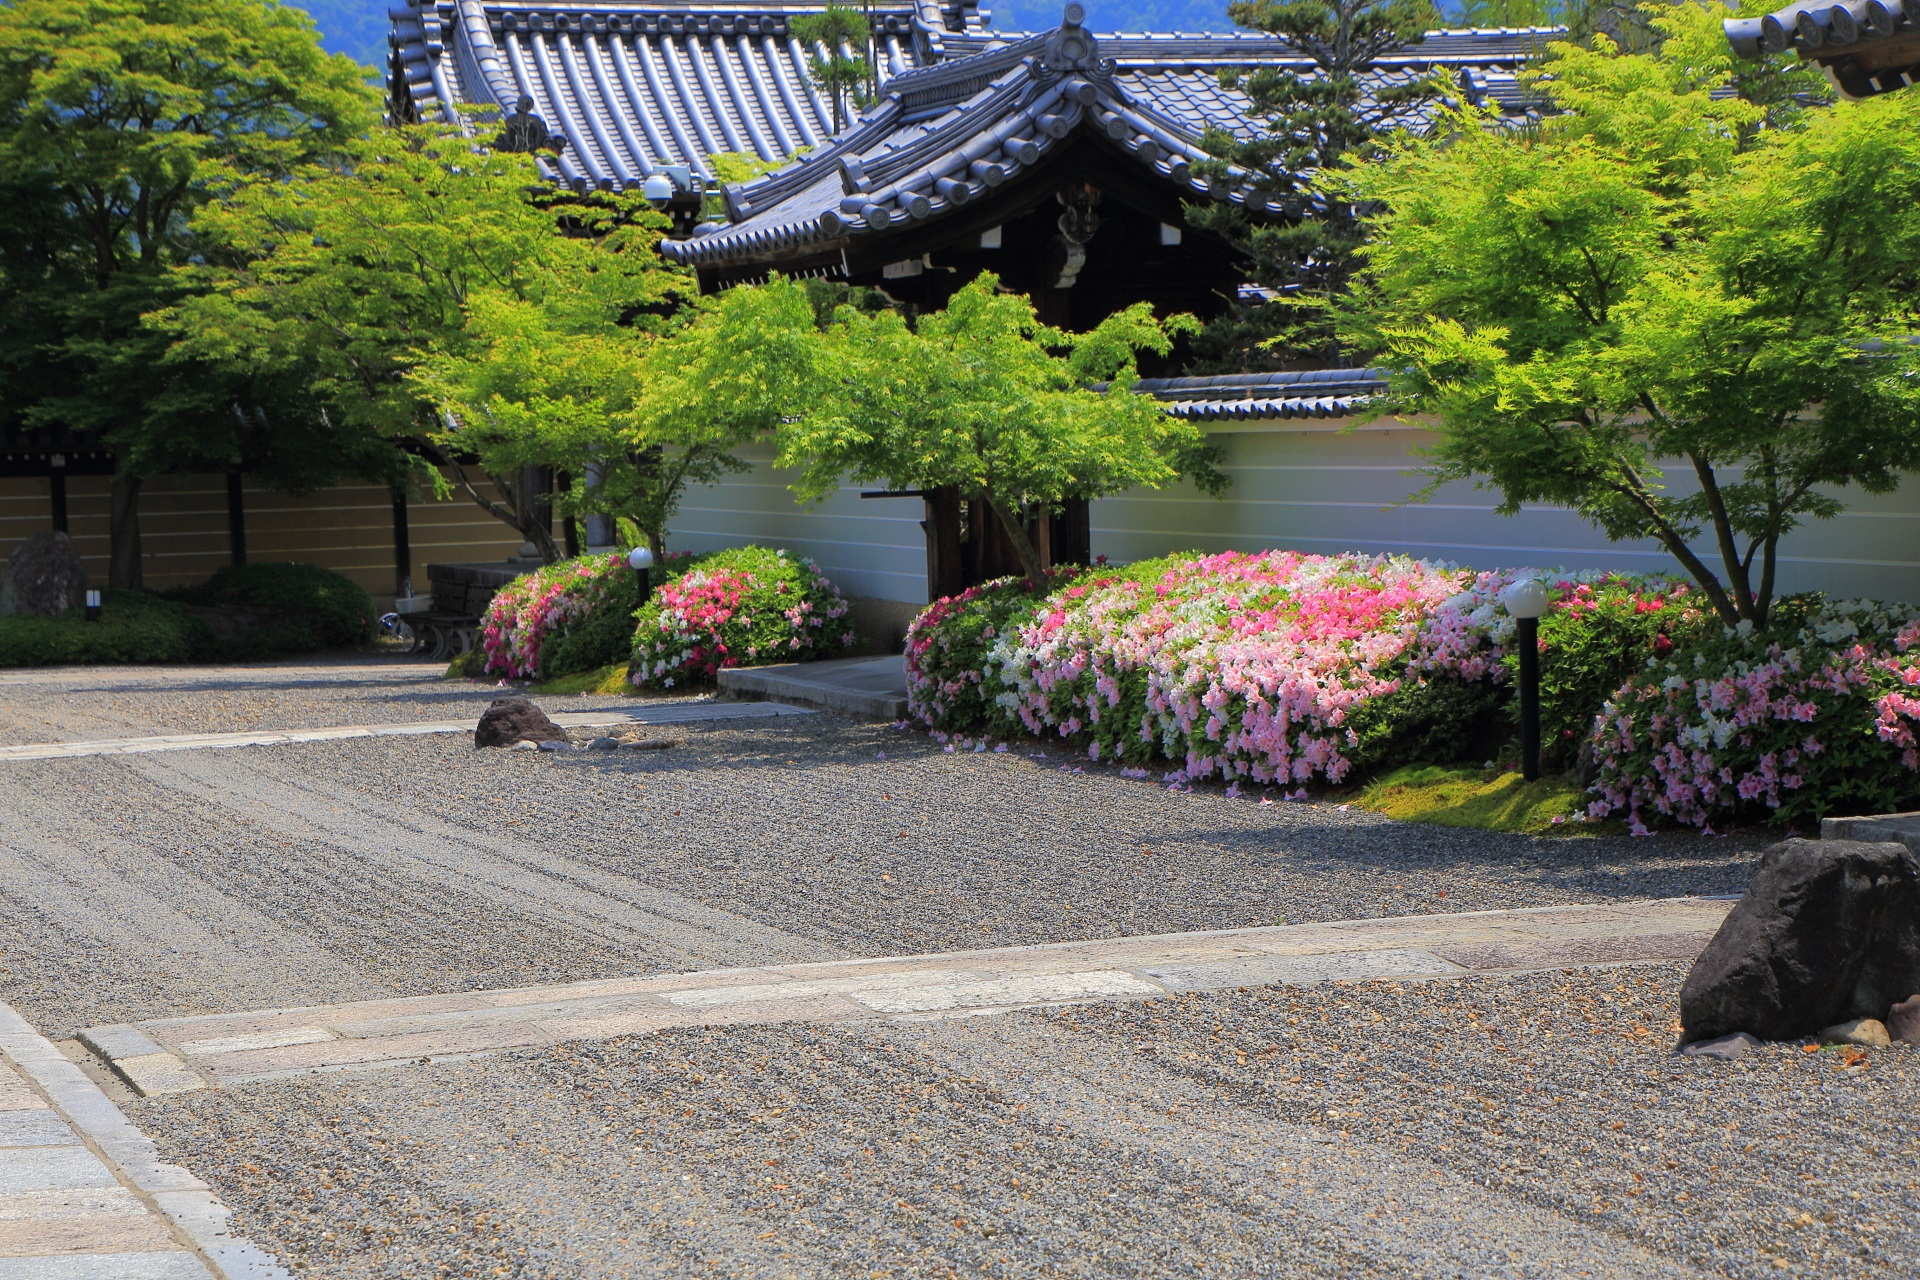 緑も砂も綺麗で風情がある妙満寺の本堂前の参道両脇のツツジ